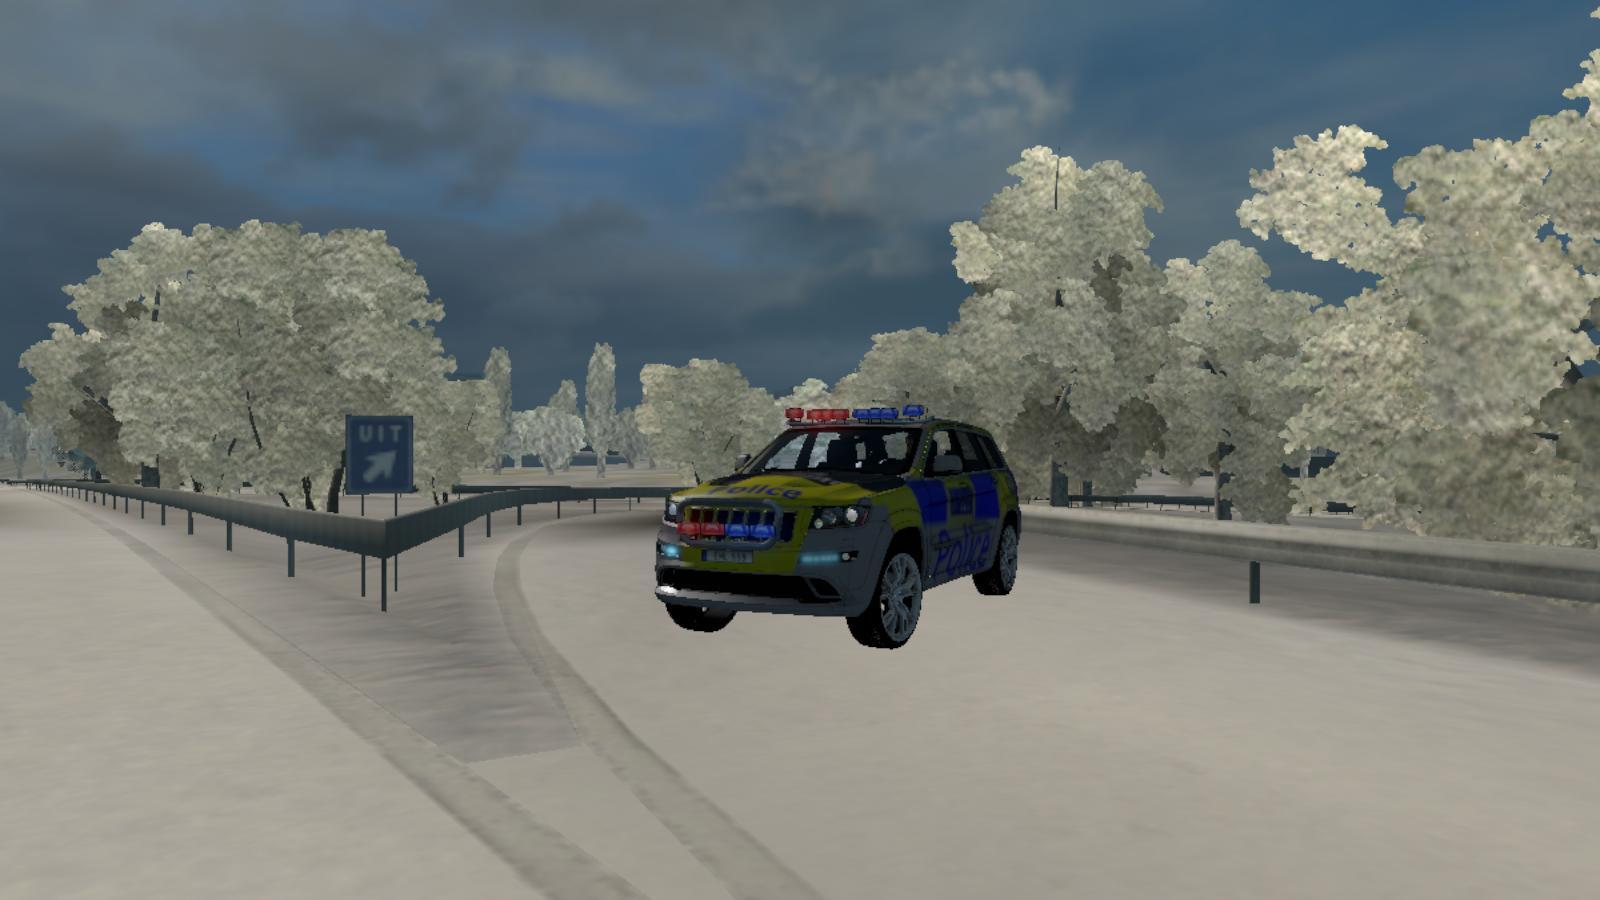 Police Car Farming Simulator Mods